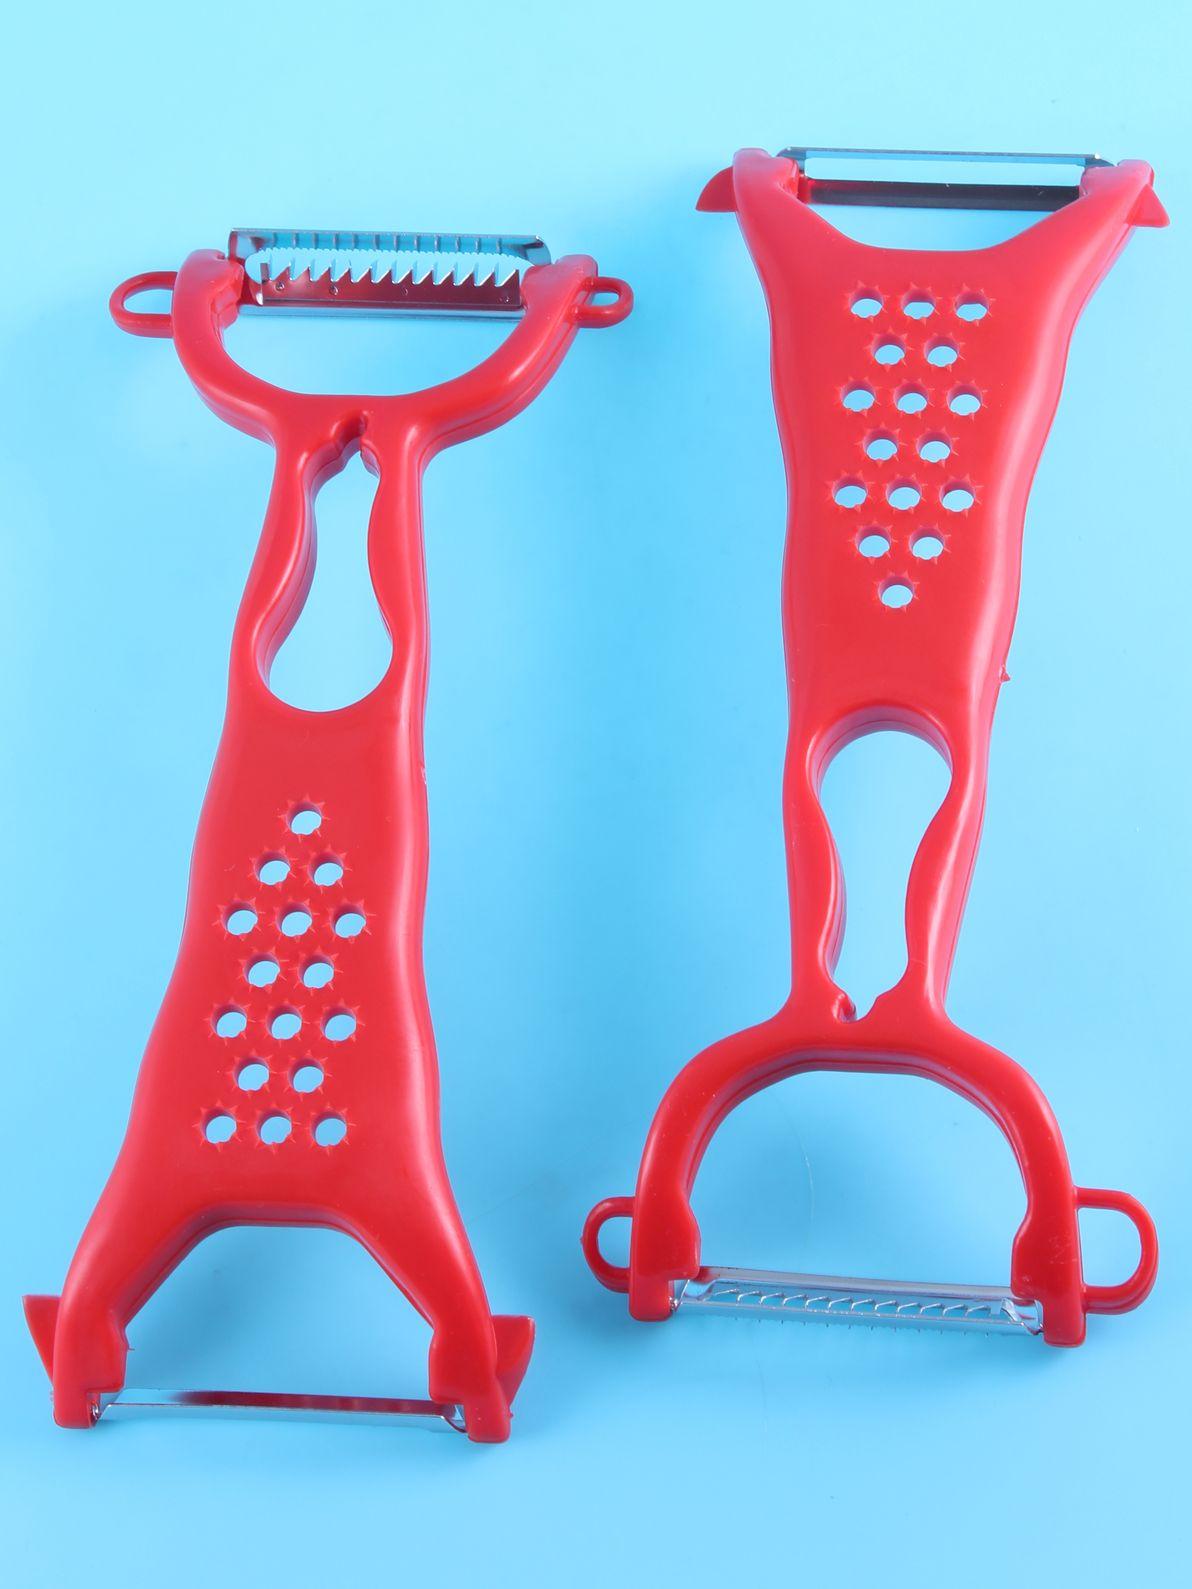 Фрукто-овощечистка Выручалочка два ножа, 7426845739555, красный